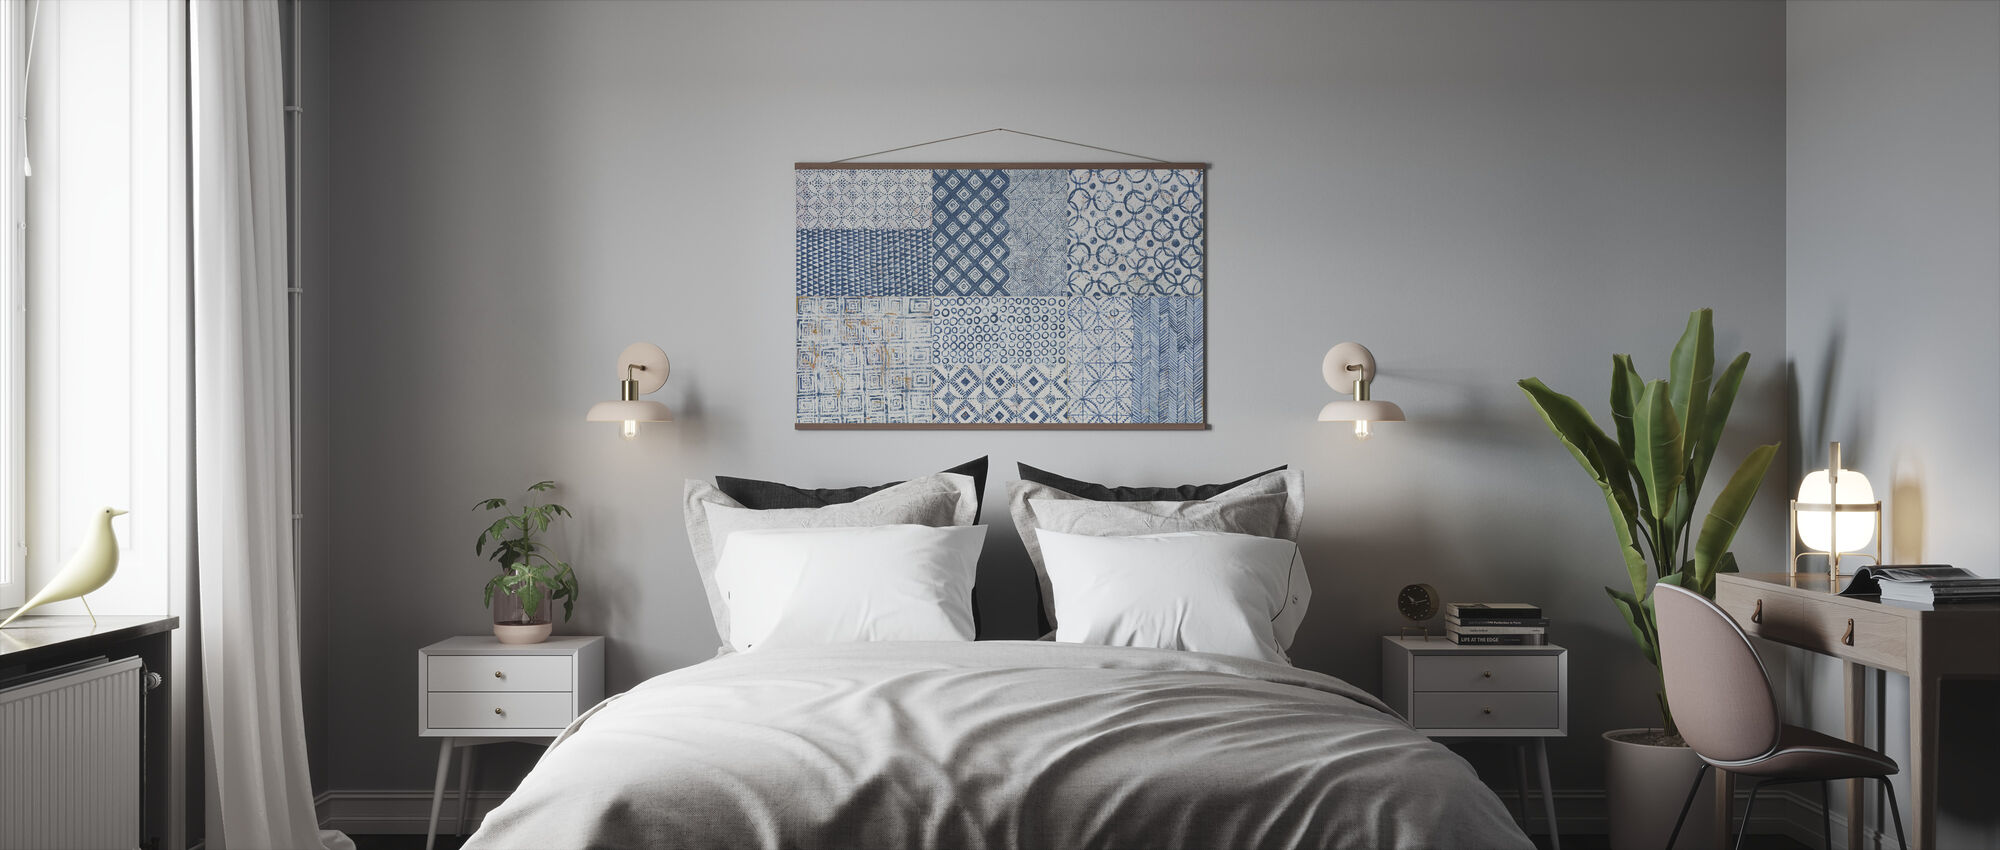 Maki Tile XVII - Poster - Bedroom